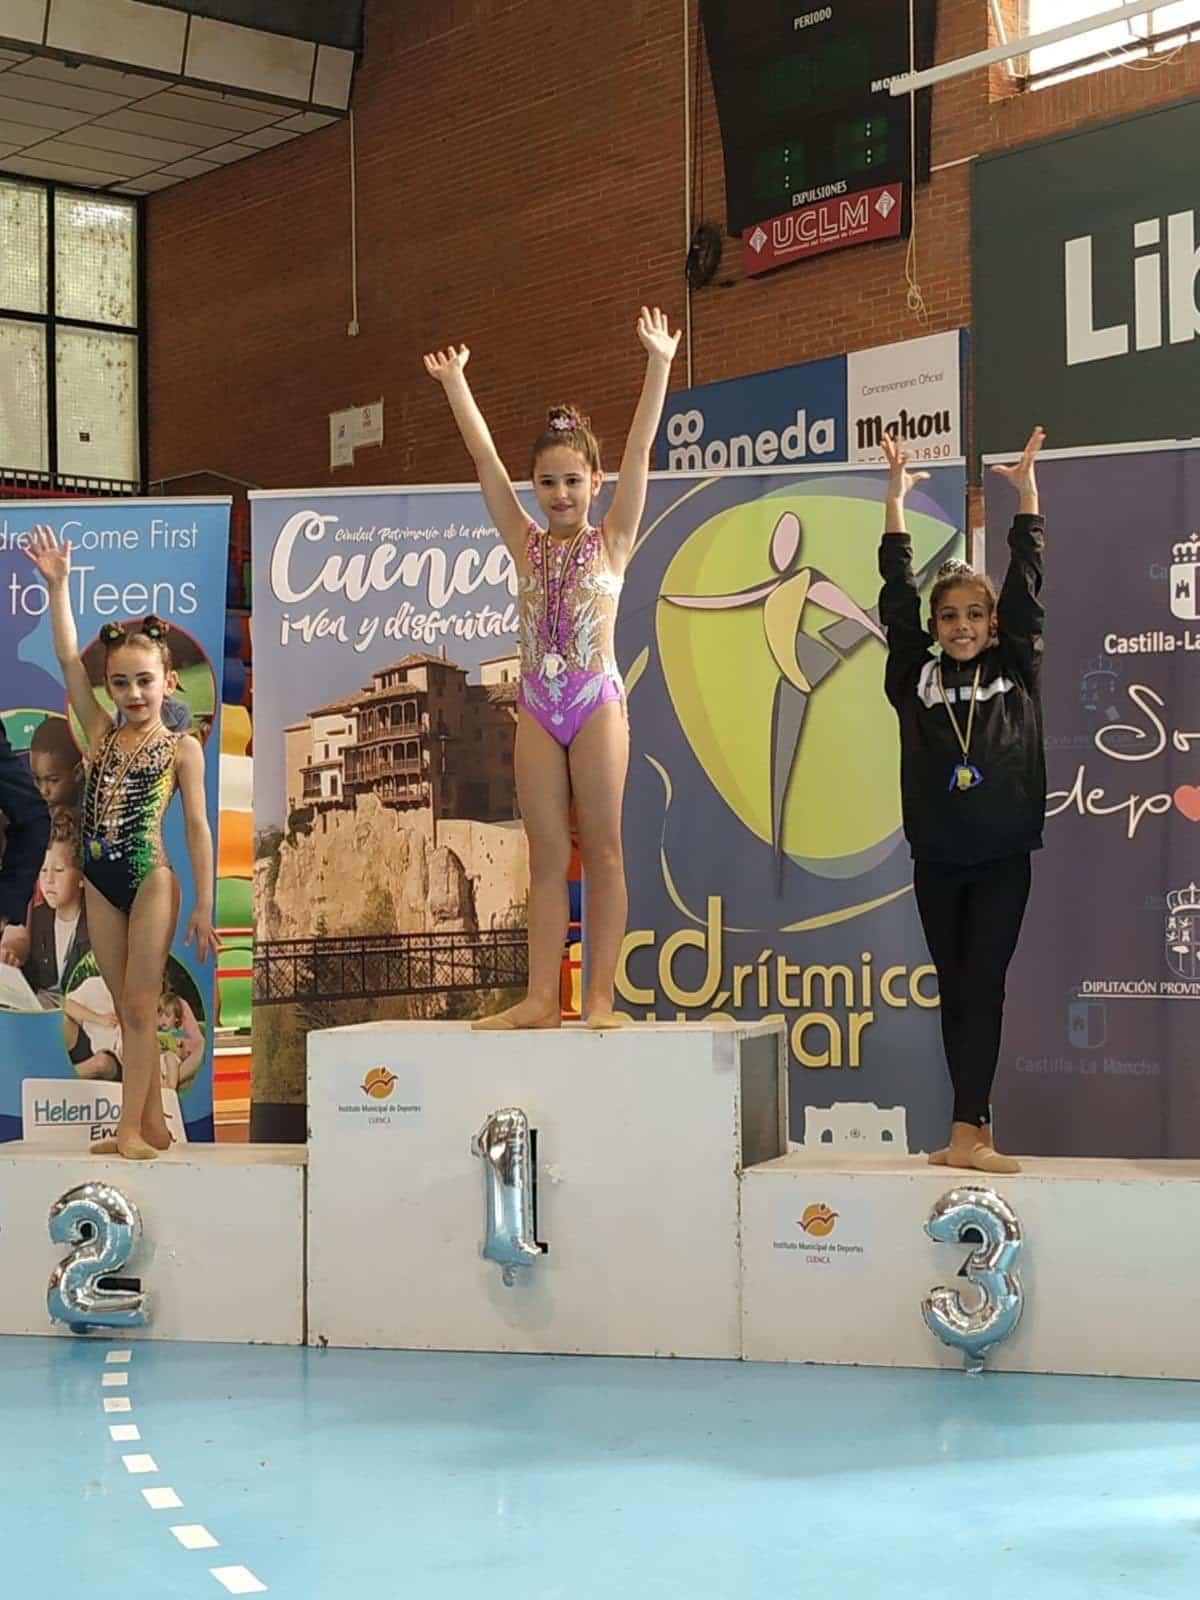 trofeo gimnasia ritmica cuenta 1 - Herencia presente en el Trofeo de Gimnasia Rítmica de Cuenca